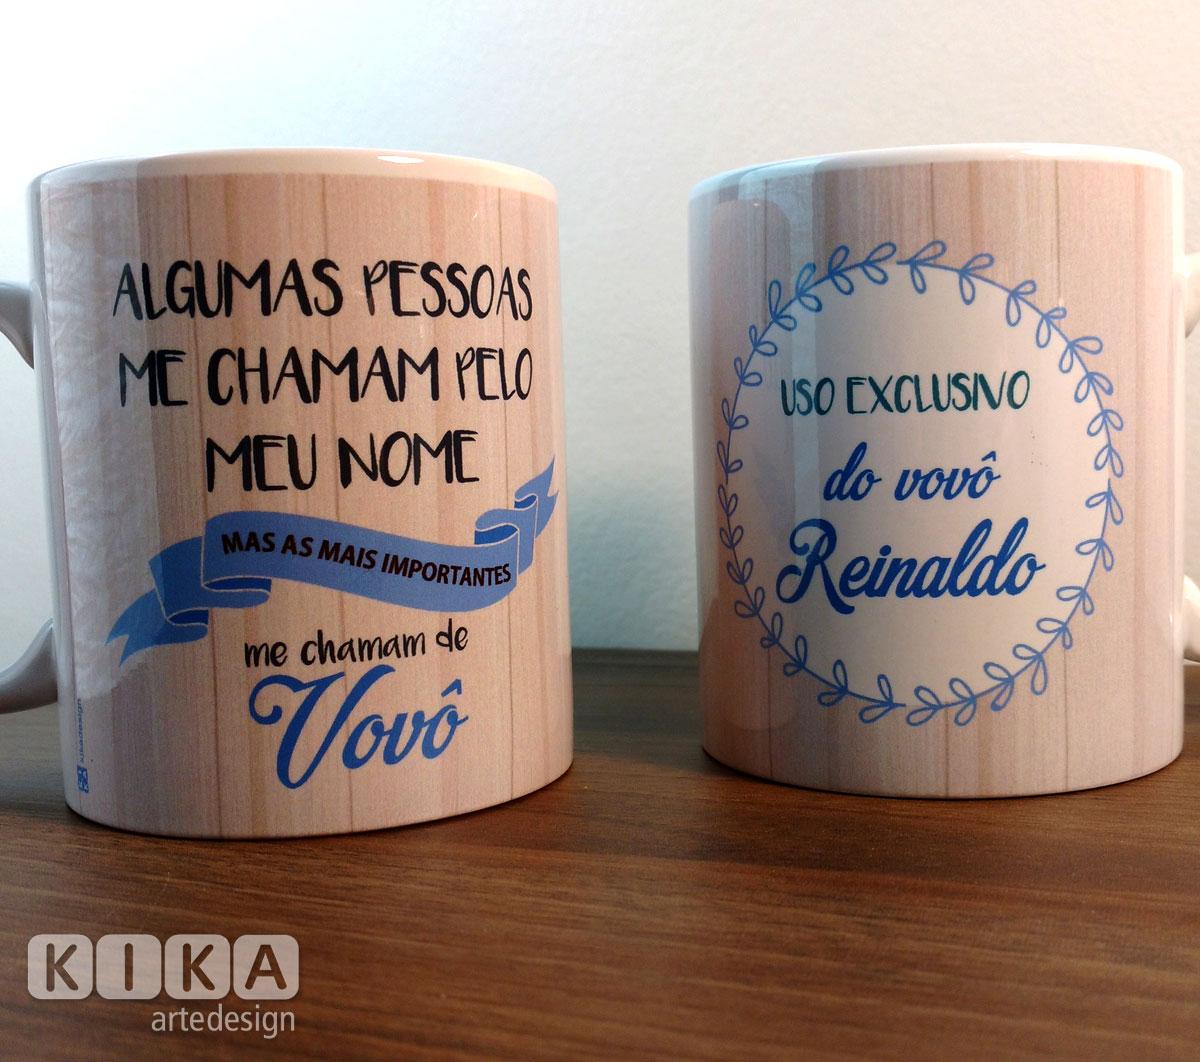 068a06b47 Caneca Cerâmica Vovô - Kika Arte e Design